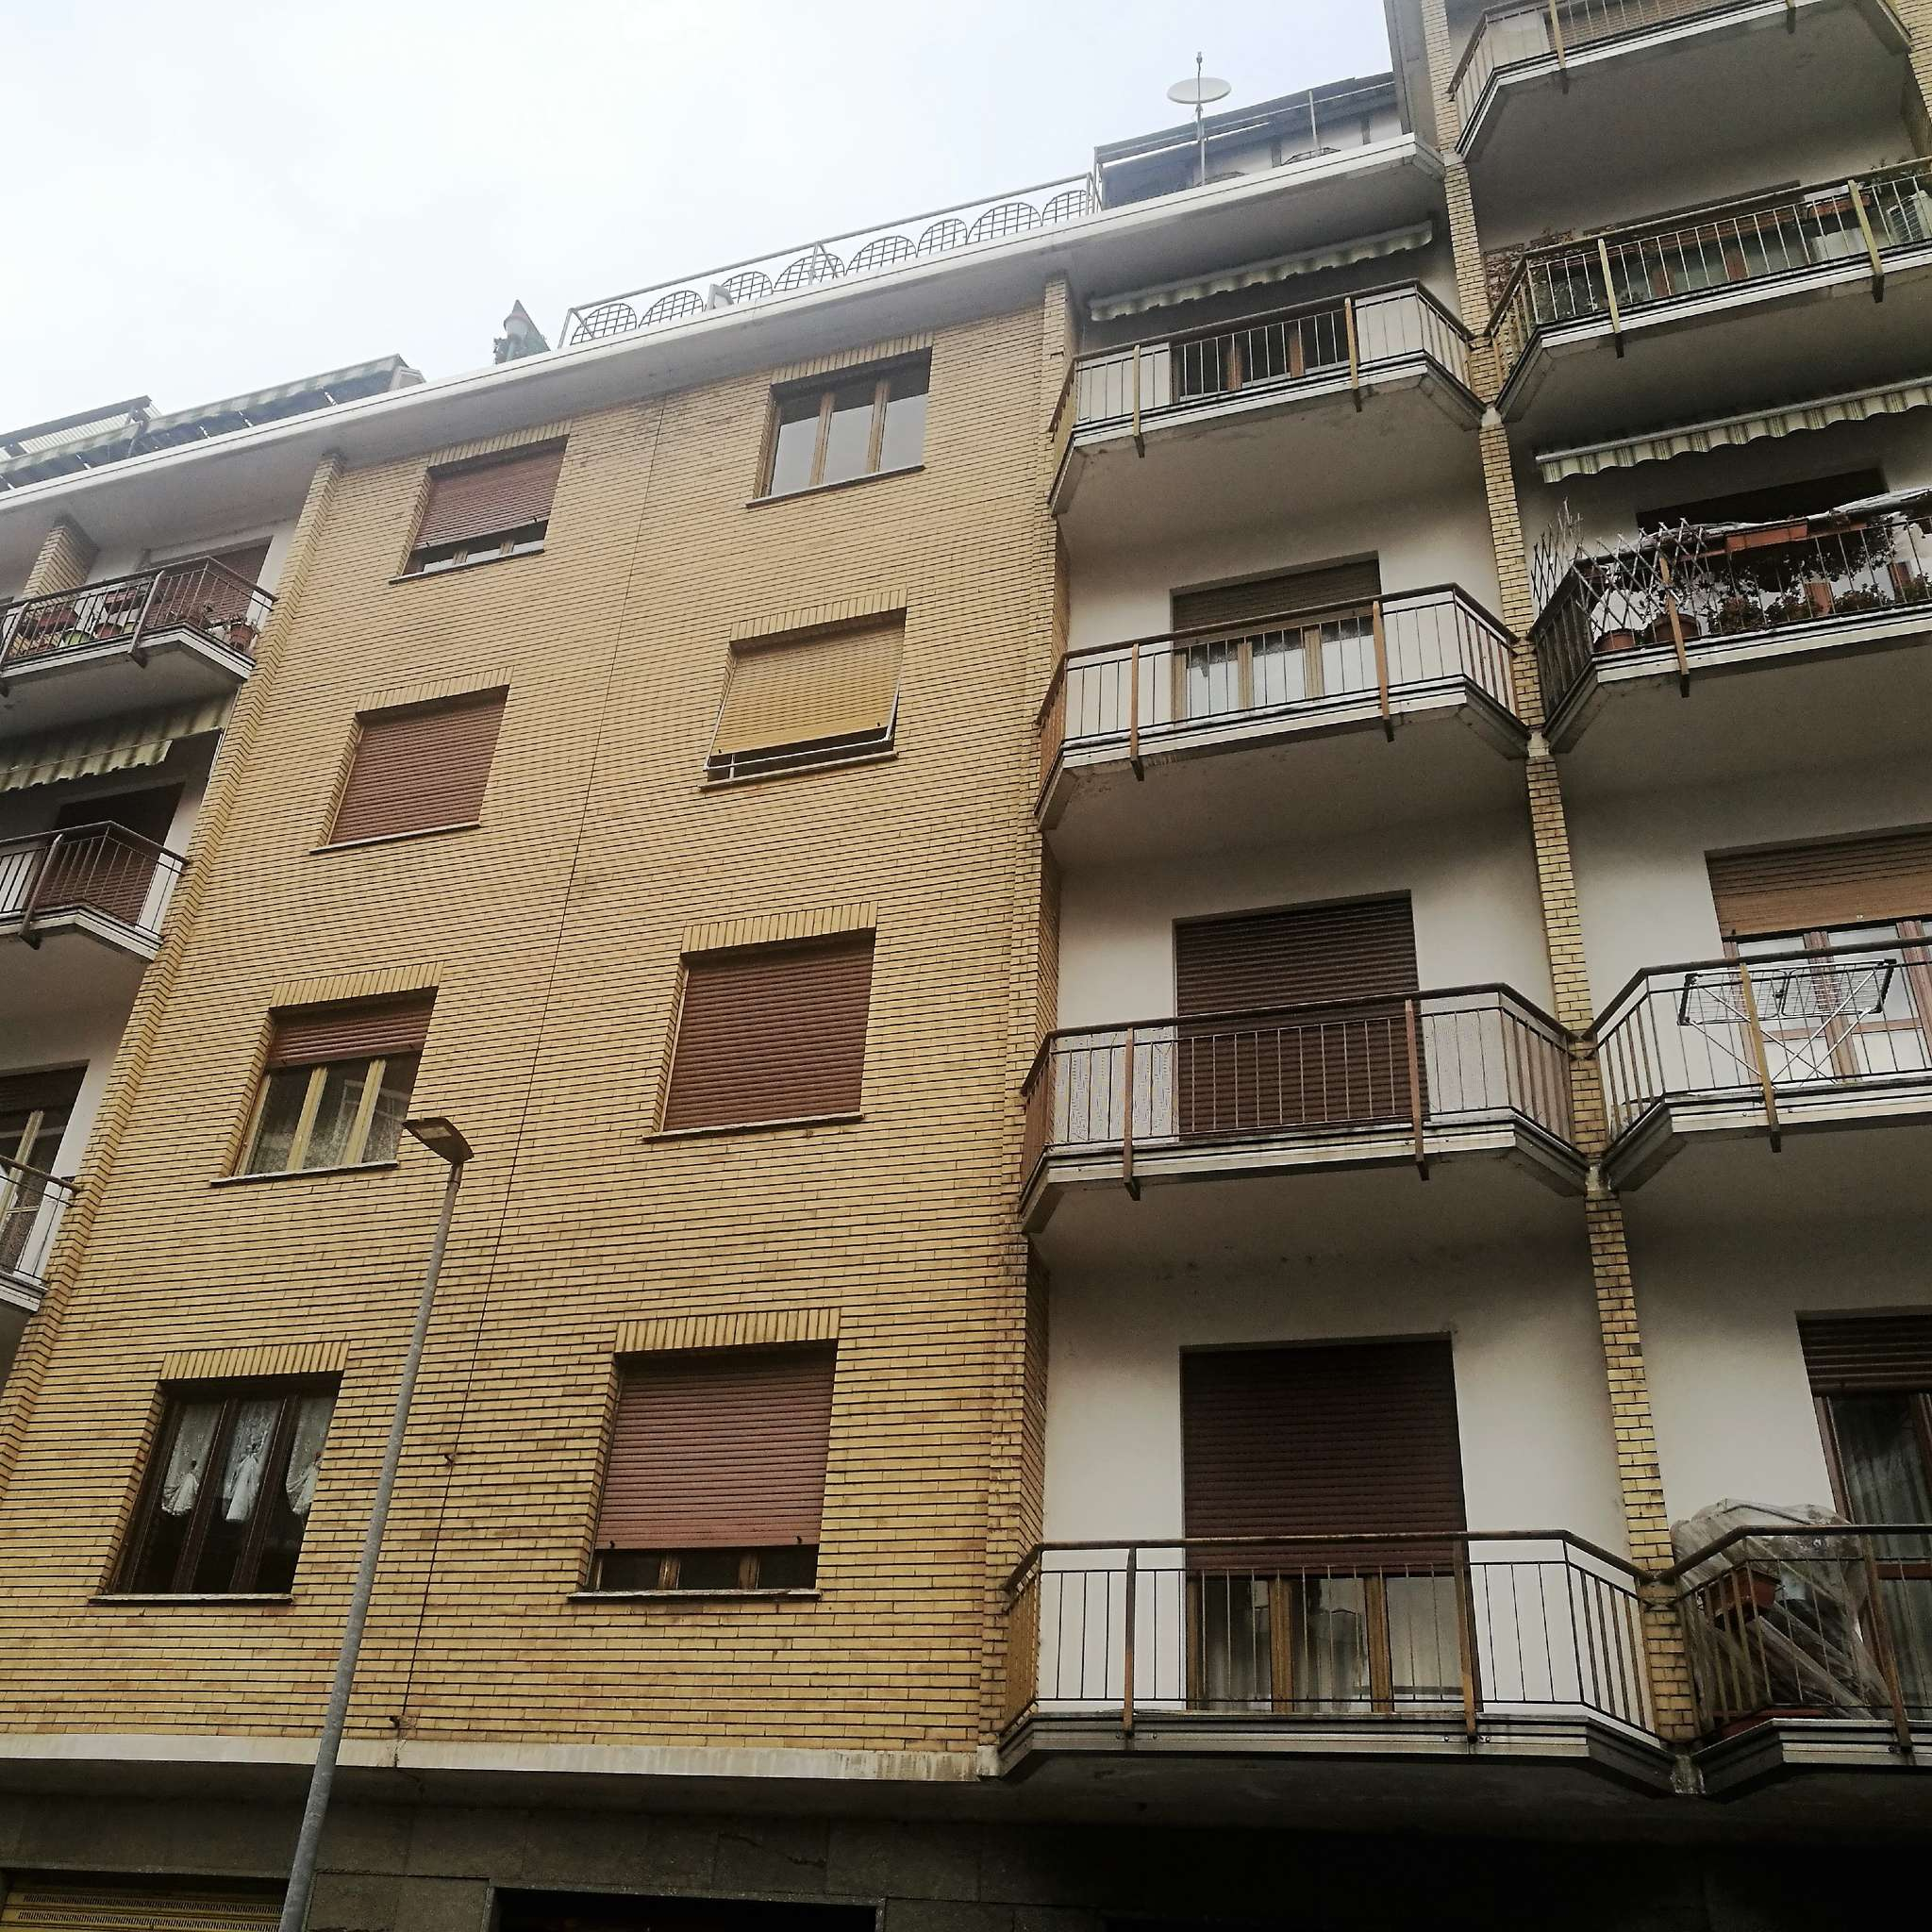 Foto 1 di Trilocale via DON BOSCO, Torino (zona Cit Turin, San Donato, Campidoglio)